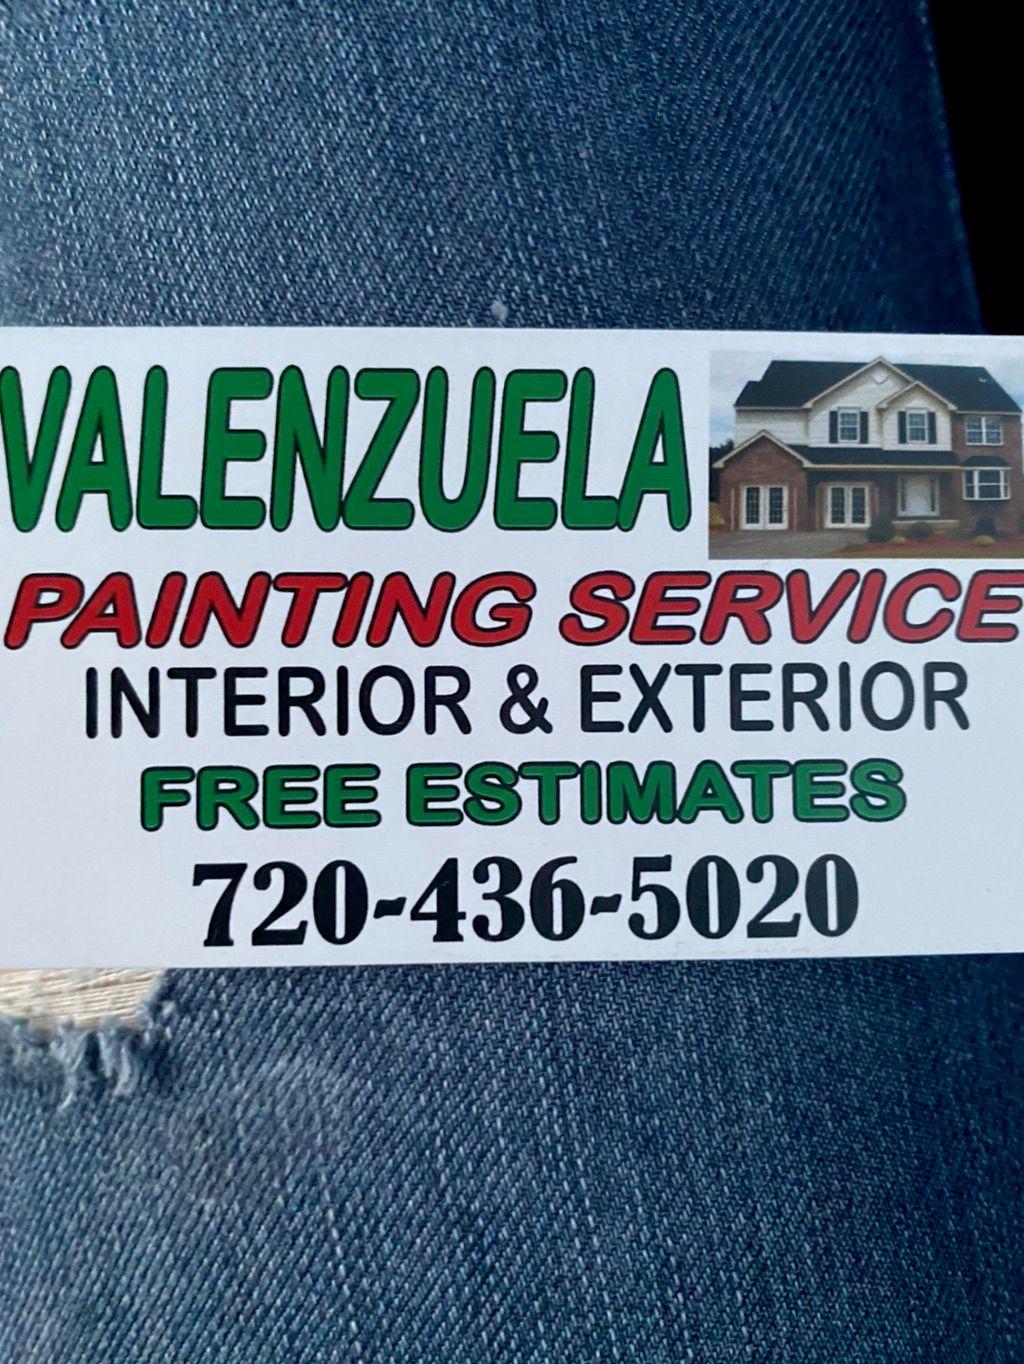 Valenzuela Service